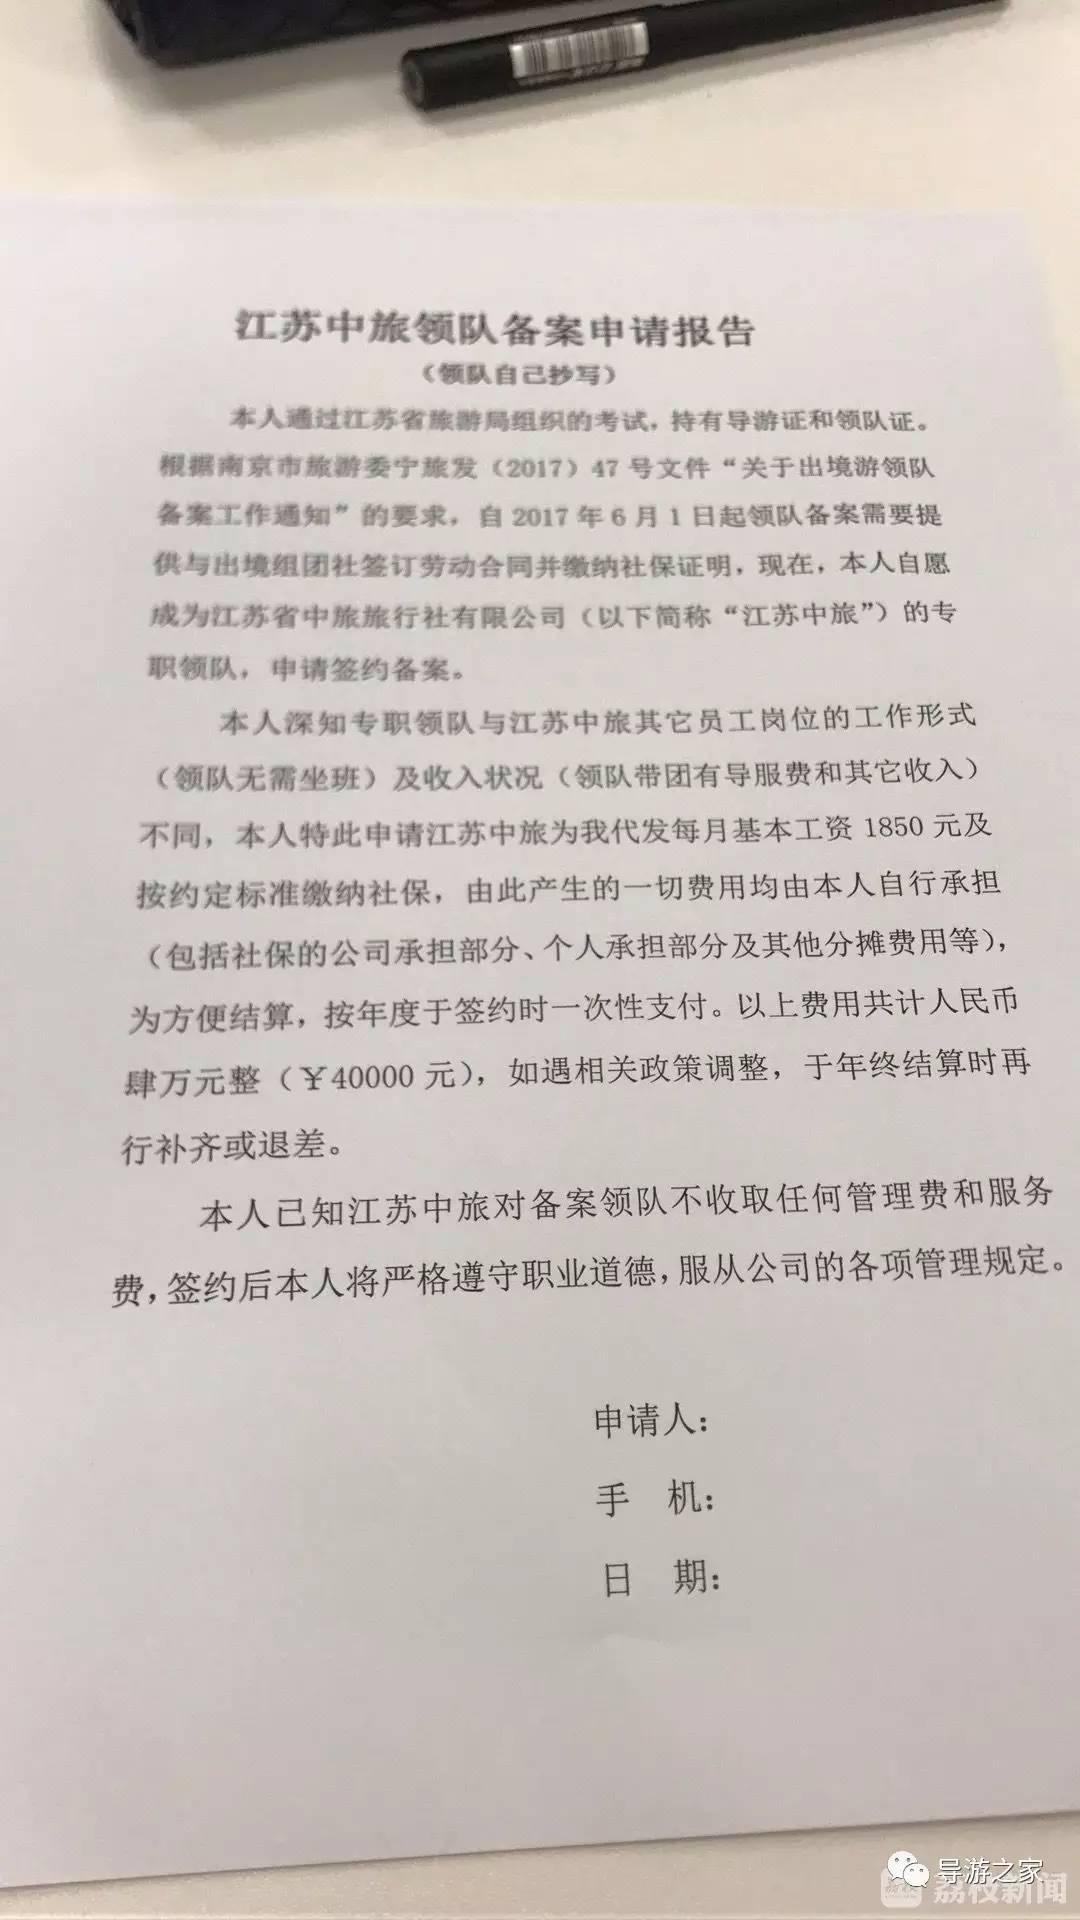 让导游自行垫付工资和社保相关违法违规旅行社被立案调查!!!